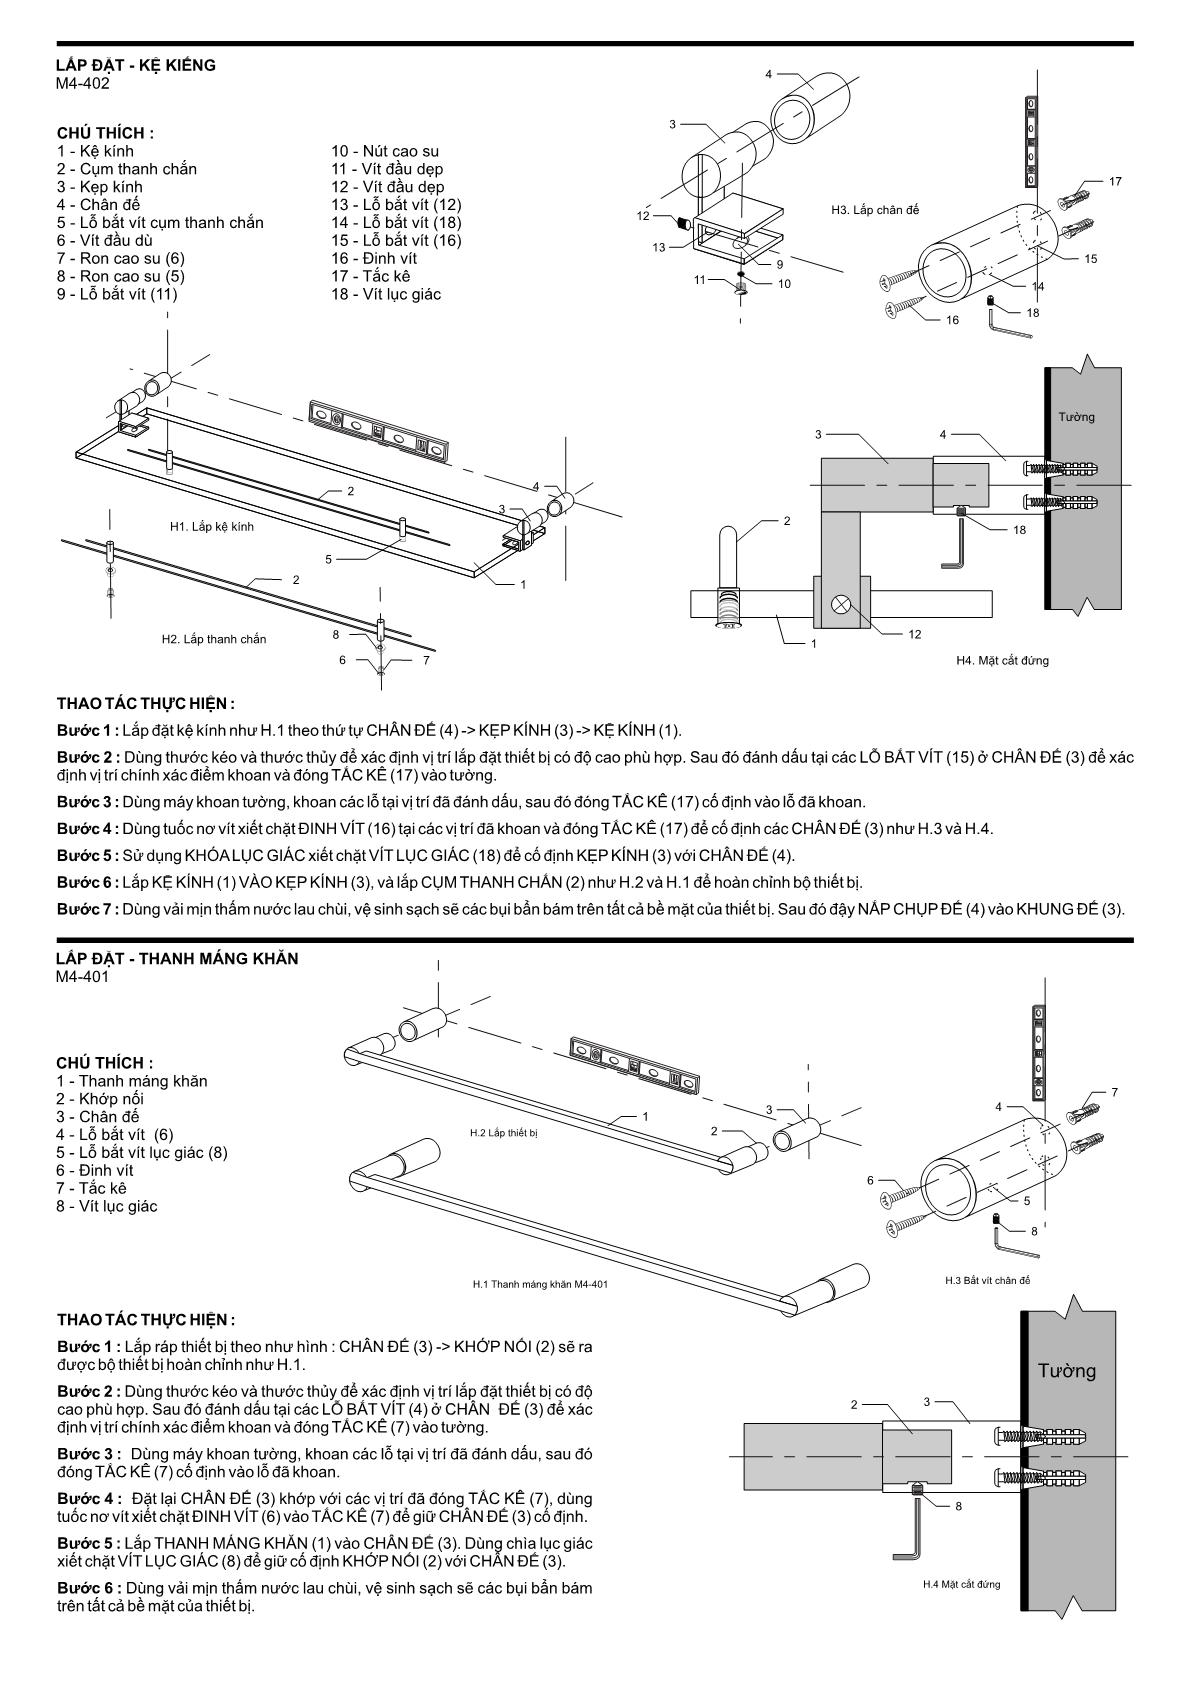 Hướng dẫn lắp đặt bộ phụ kiện phòng tắm 6M4A